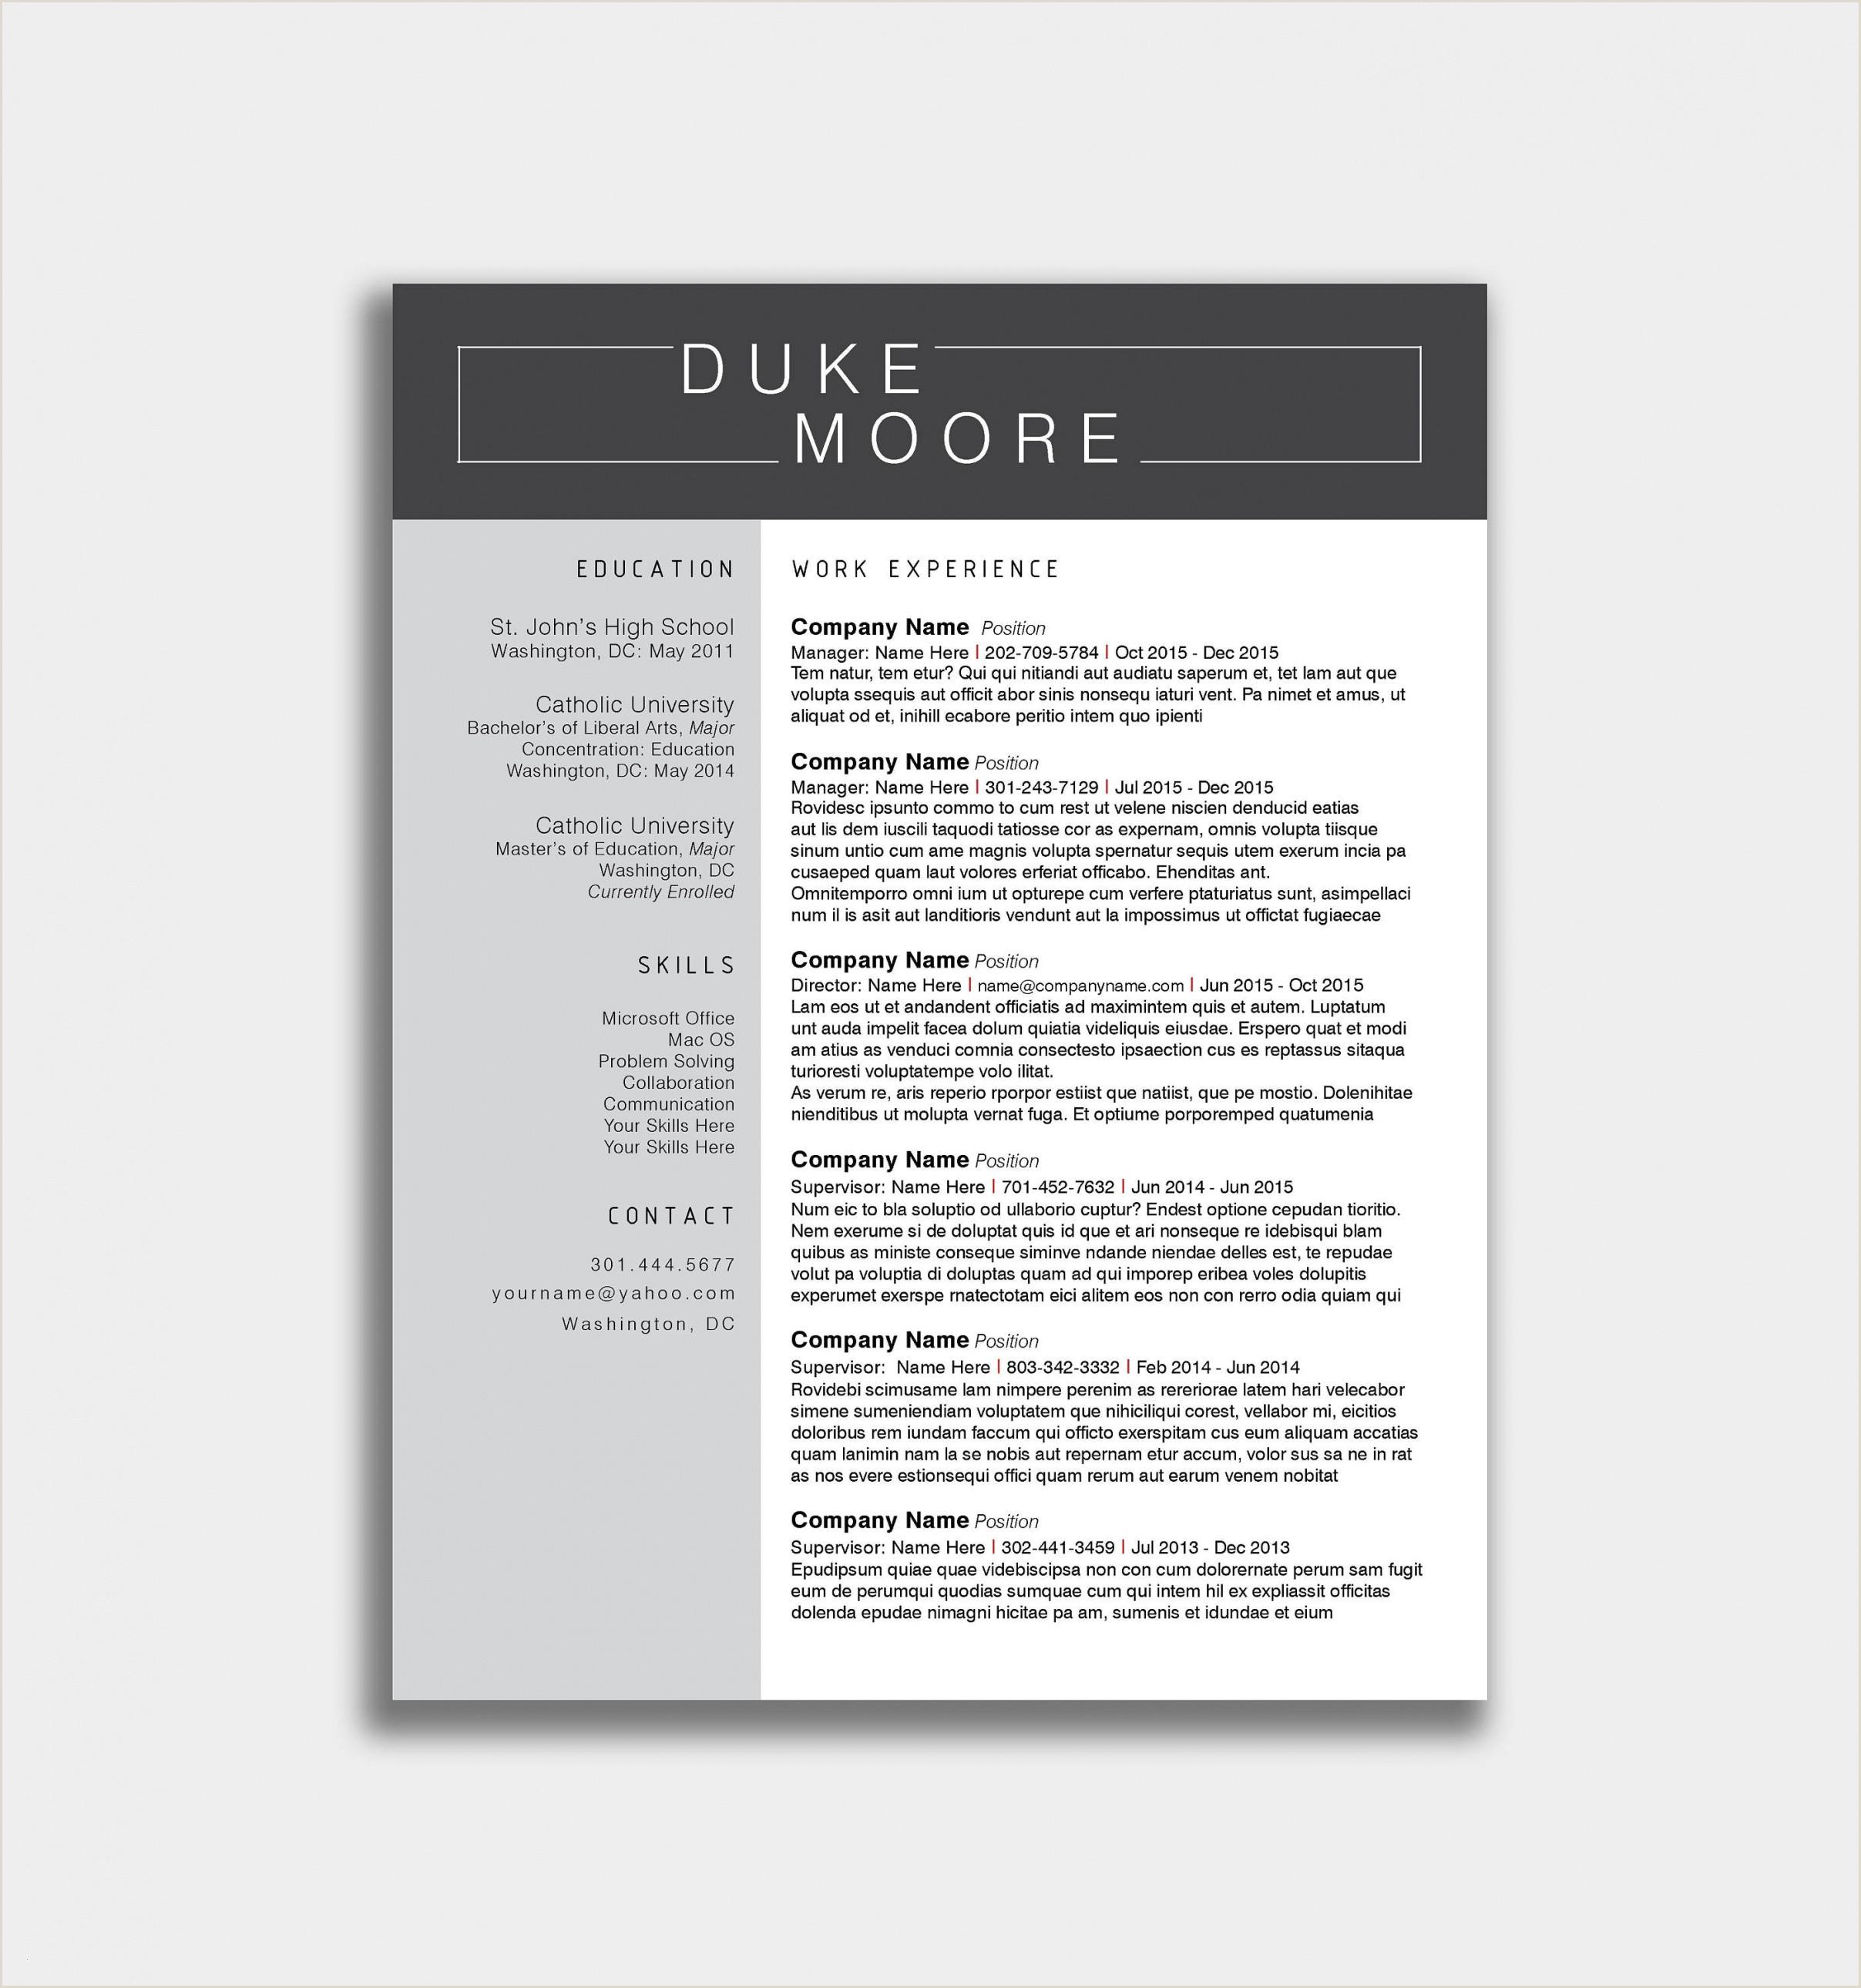 Resume format for Job Download Cv Resume Template Free Download Inspirationa Cv Resume